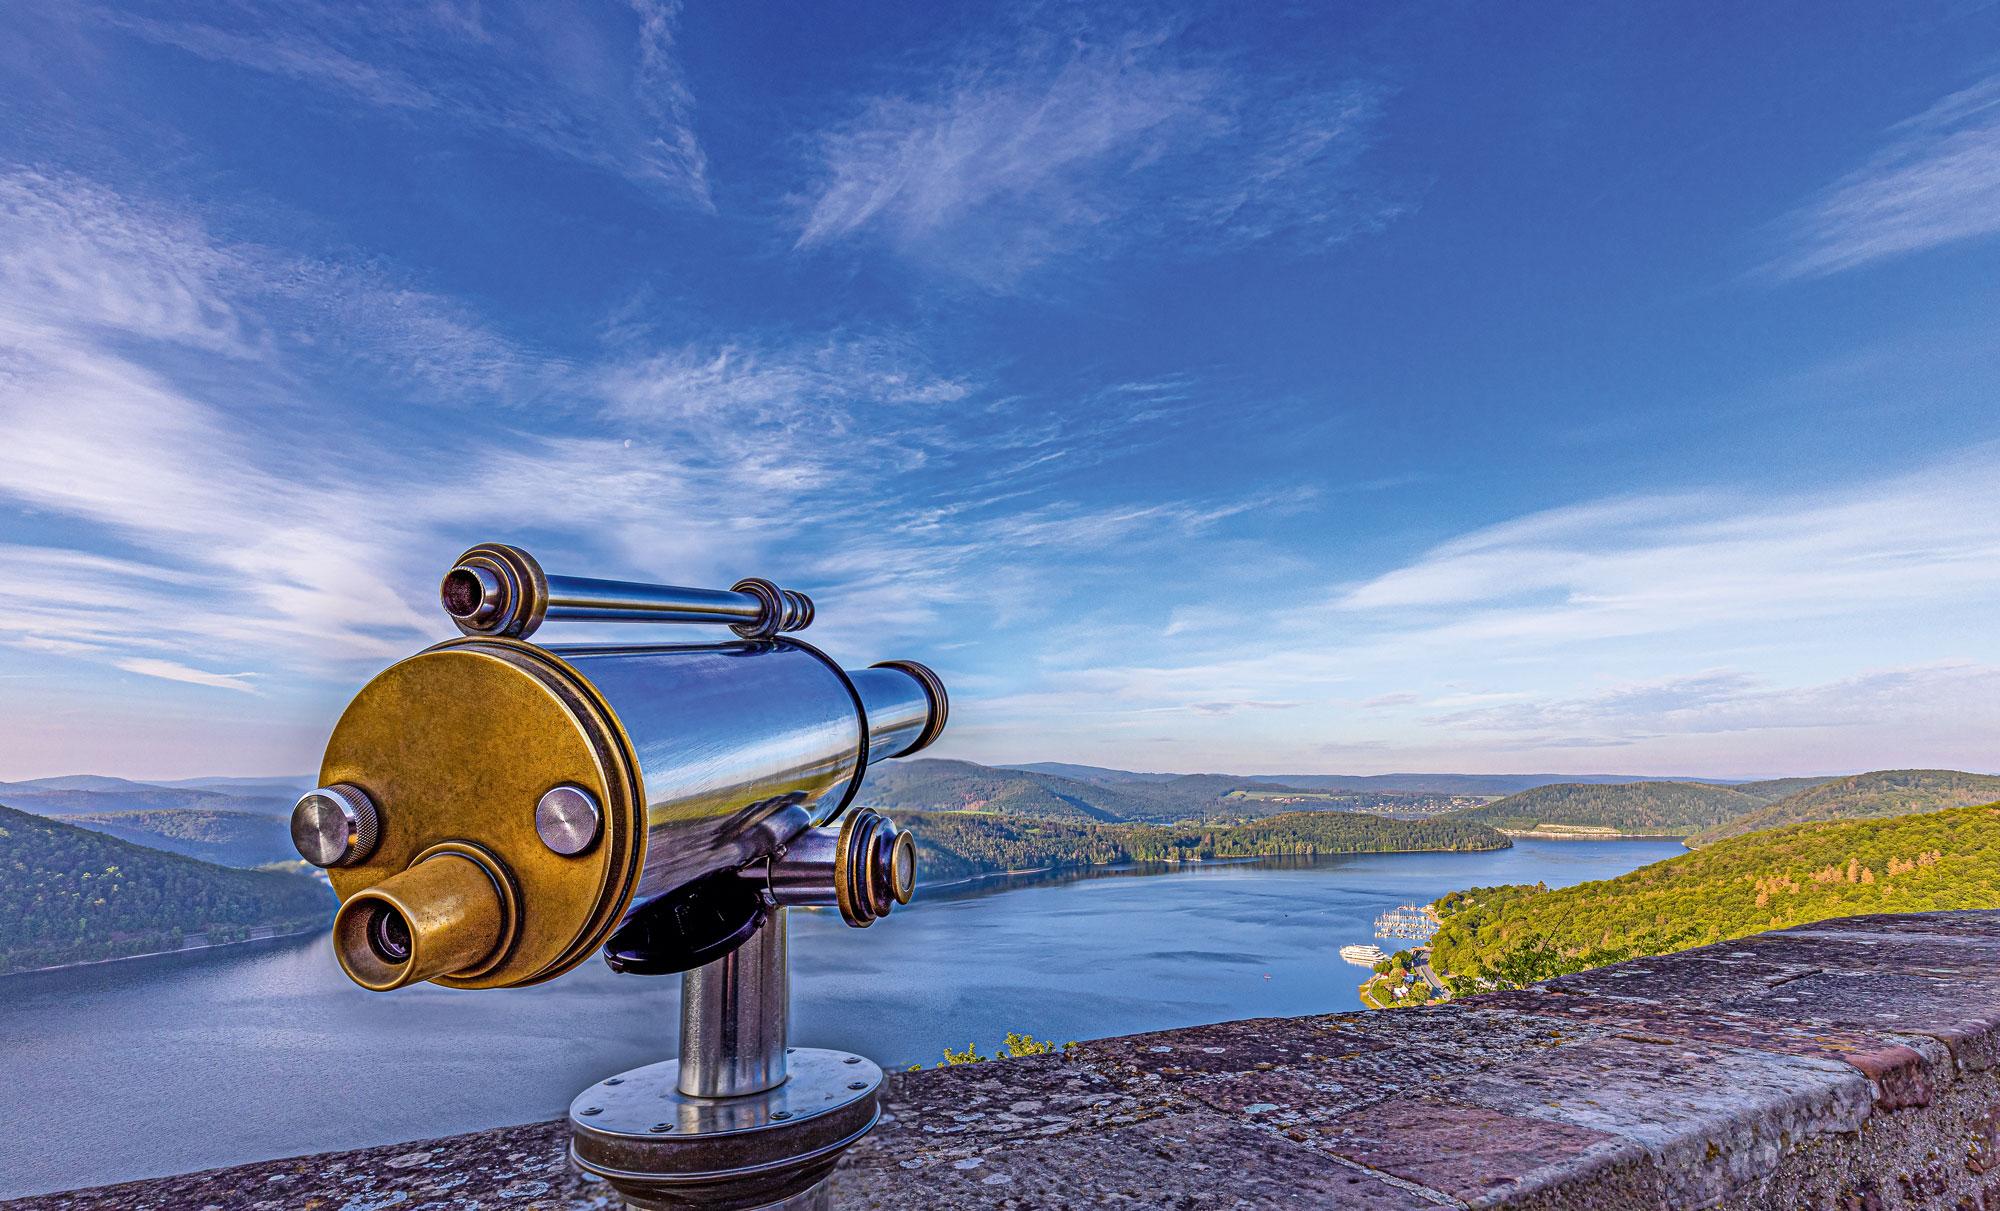 Durch das Fernrohr betrachtet,scheint die gesamte Region zum Greifen nah © Heinrich Kowalski